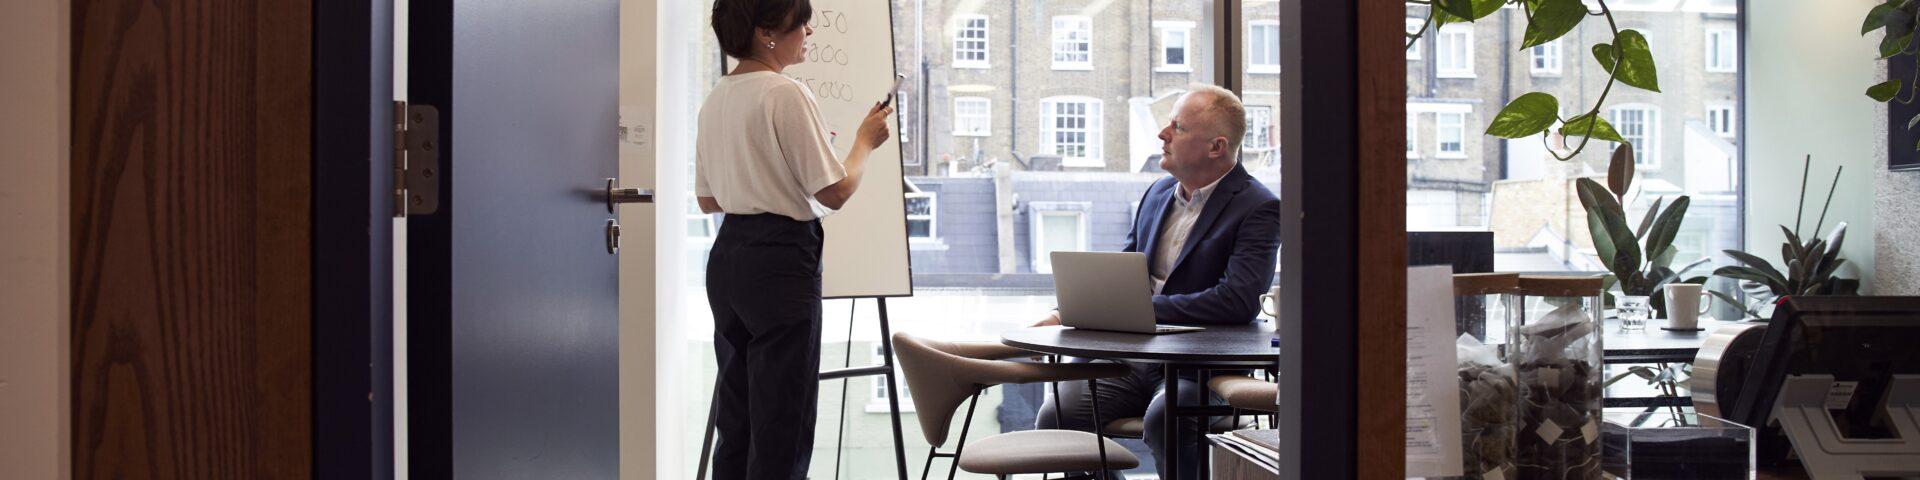 vrouw geeft uitleg mentaal voorbereiden op je pensioen